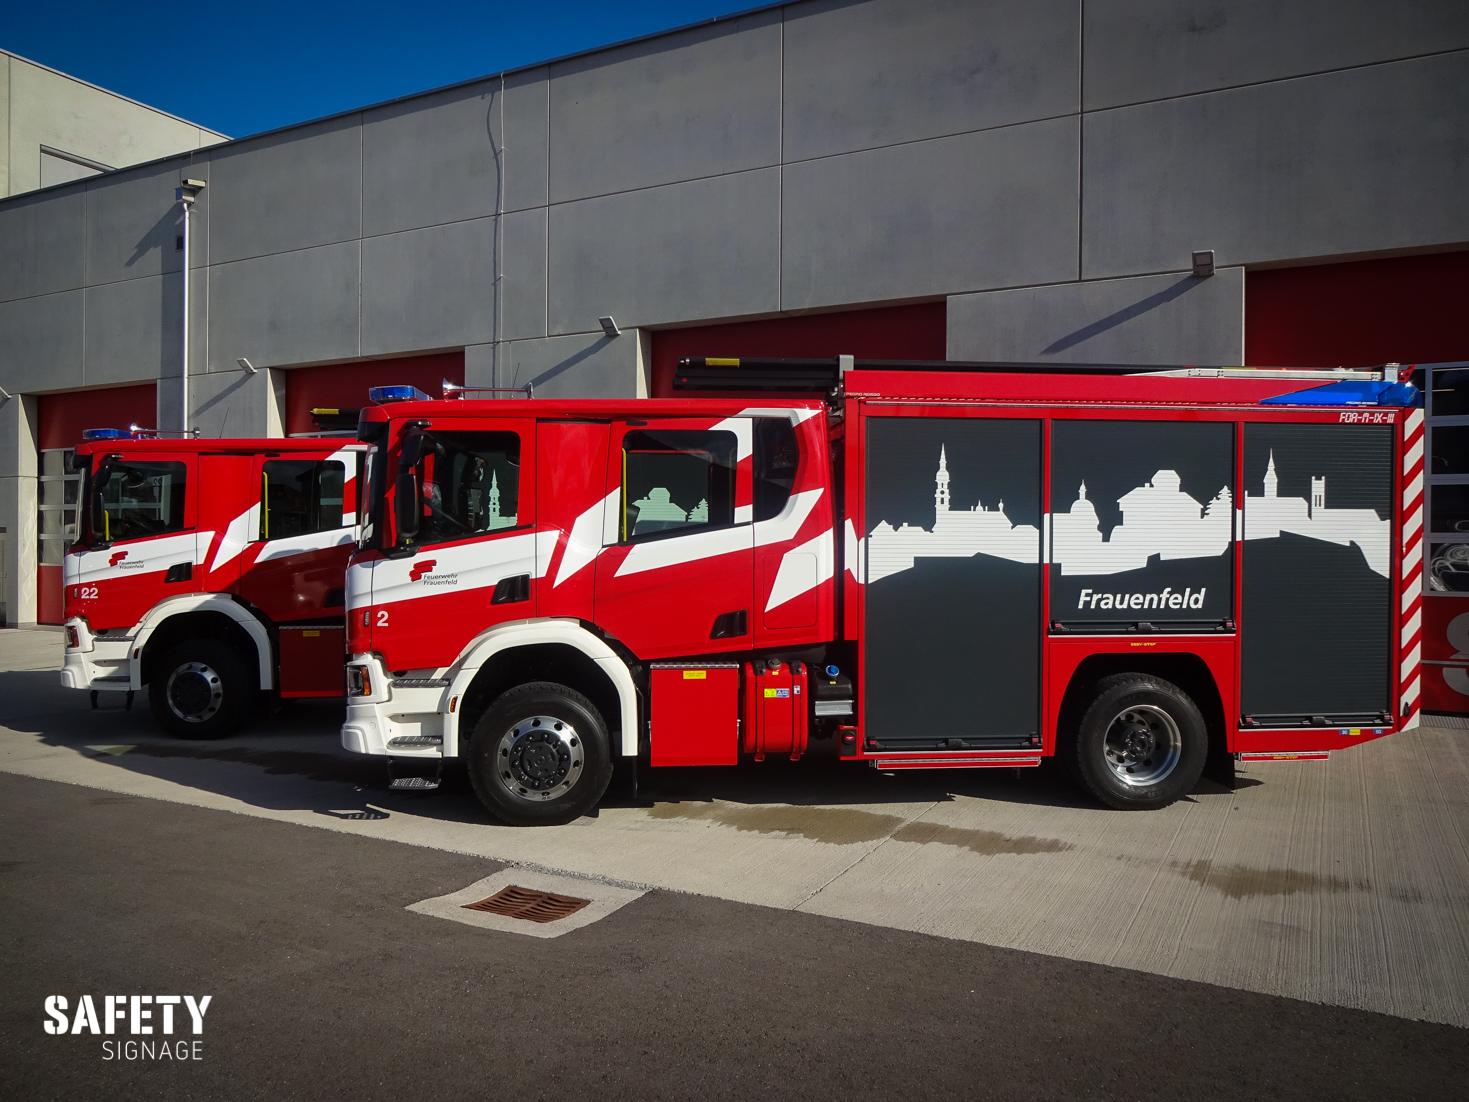 TLF - Tanklöschfahrzeug Feuerwehr Frauenfeld